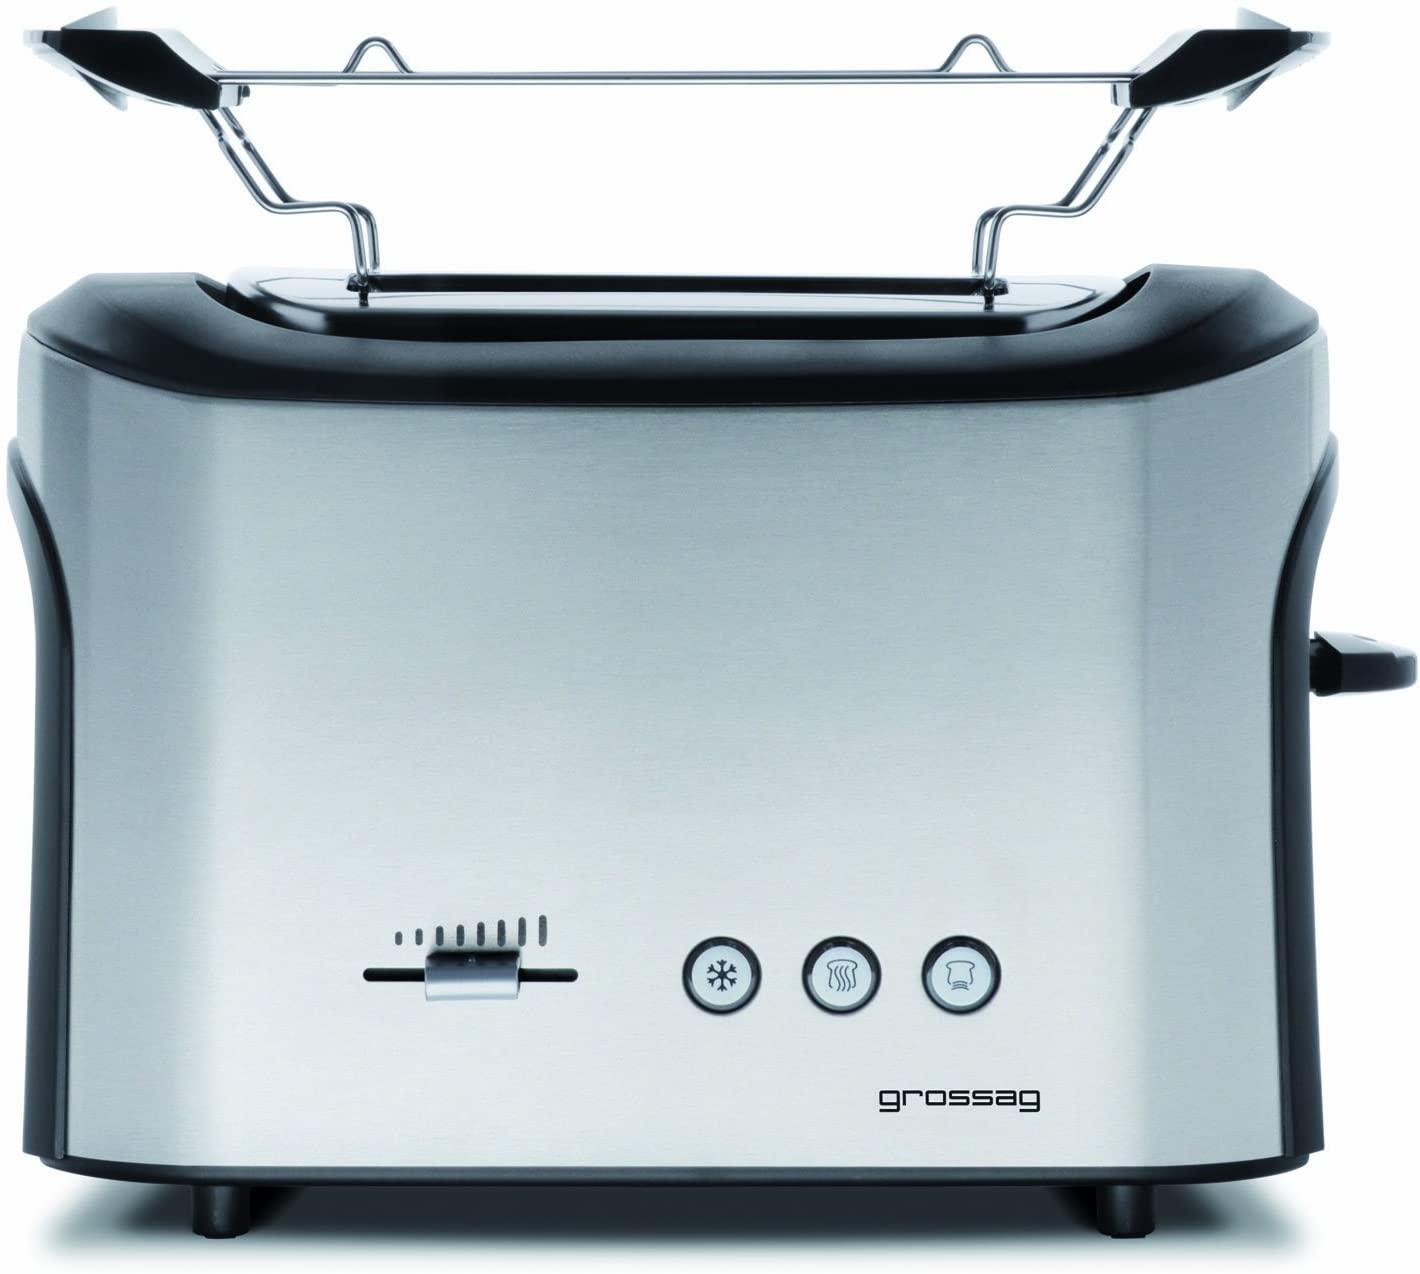 grossag TA 64 Toaster (740W, 2 Scheiben, stufenlose Röstgradeinstellung, Brötchenaufsatz, Brotzentrierung, herausnehmbare Krümelschublade)